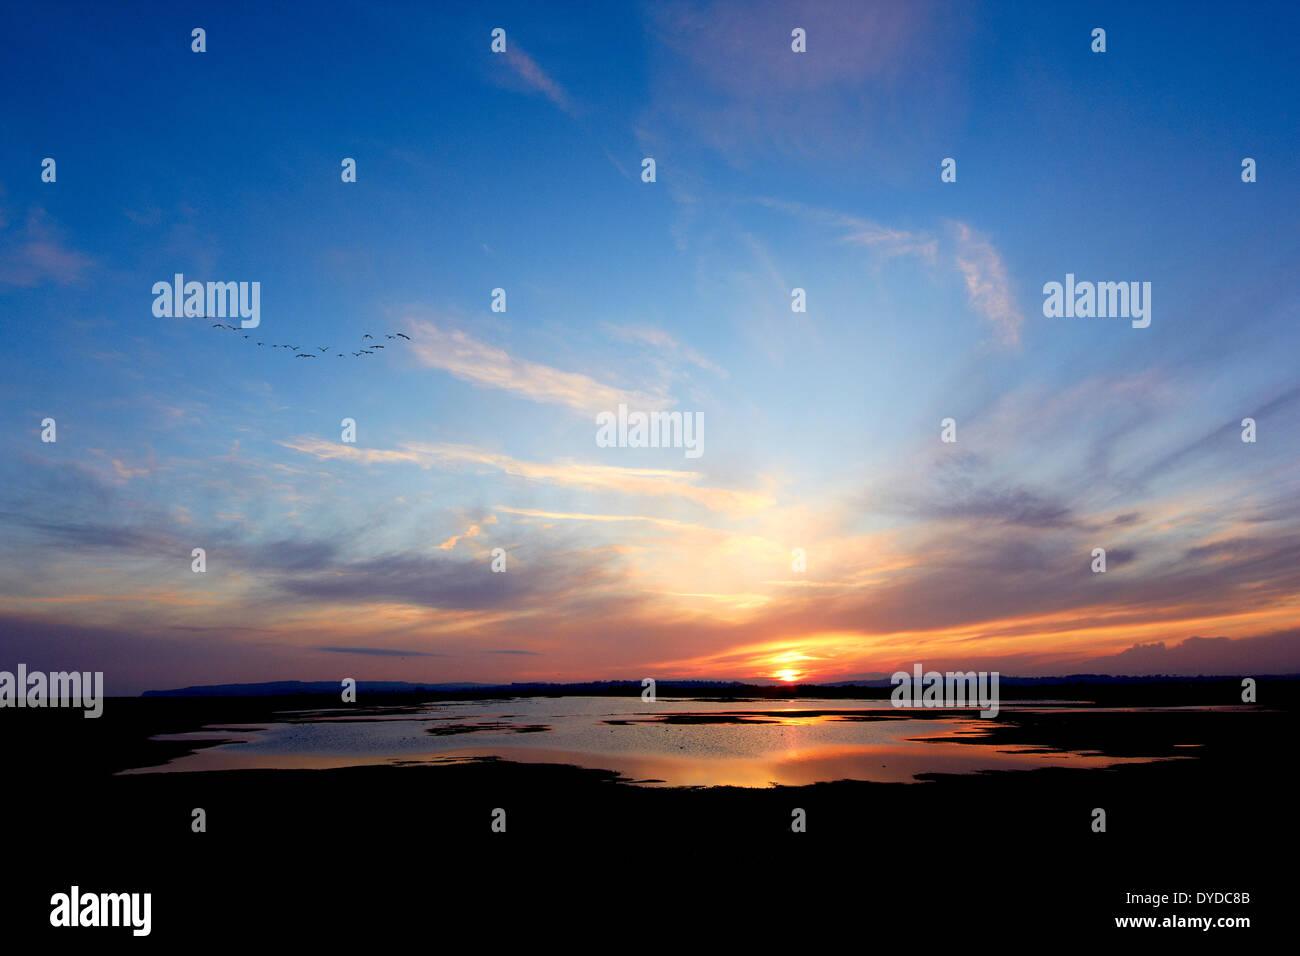 Ein Blick auf Naturschutzgebiet Roggen Hafen bei Sonnenuntergang. Stockbild